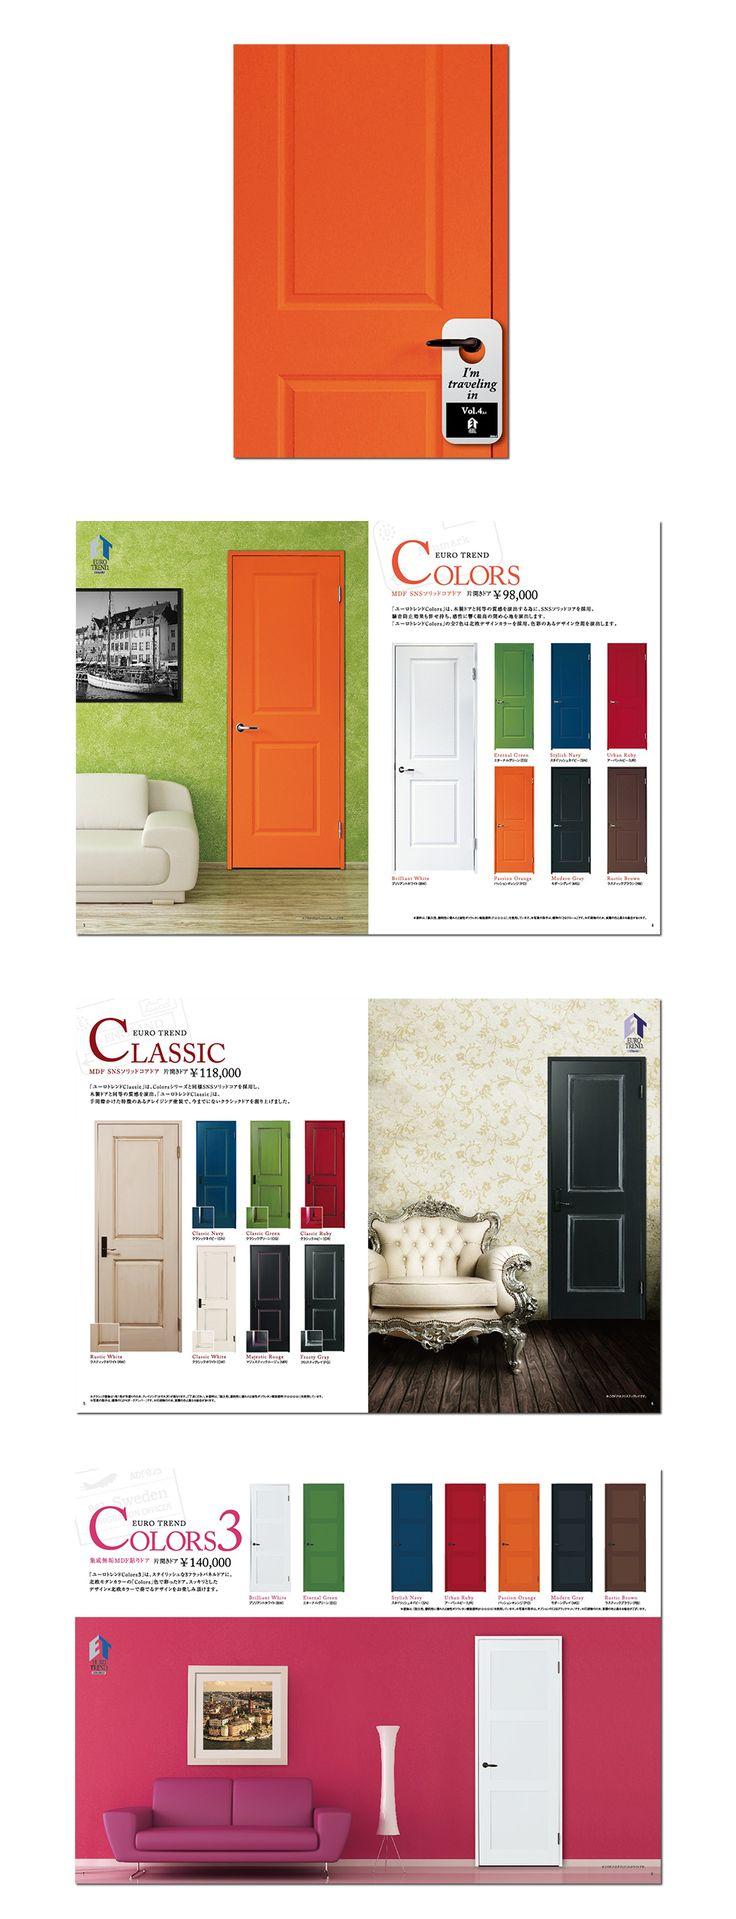 建材商品(ドア)パンフレットデザイン #パンフレット #デザイン #建材 #ドア #名古屋